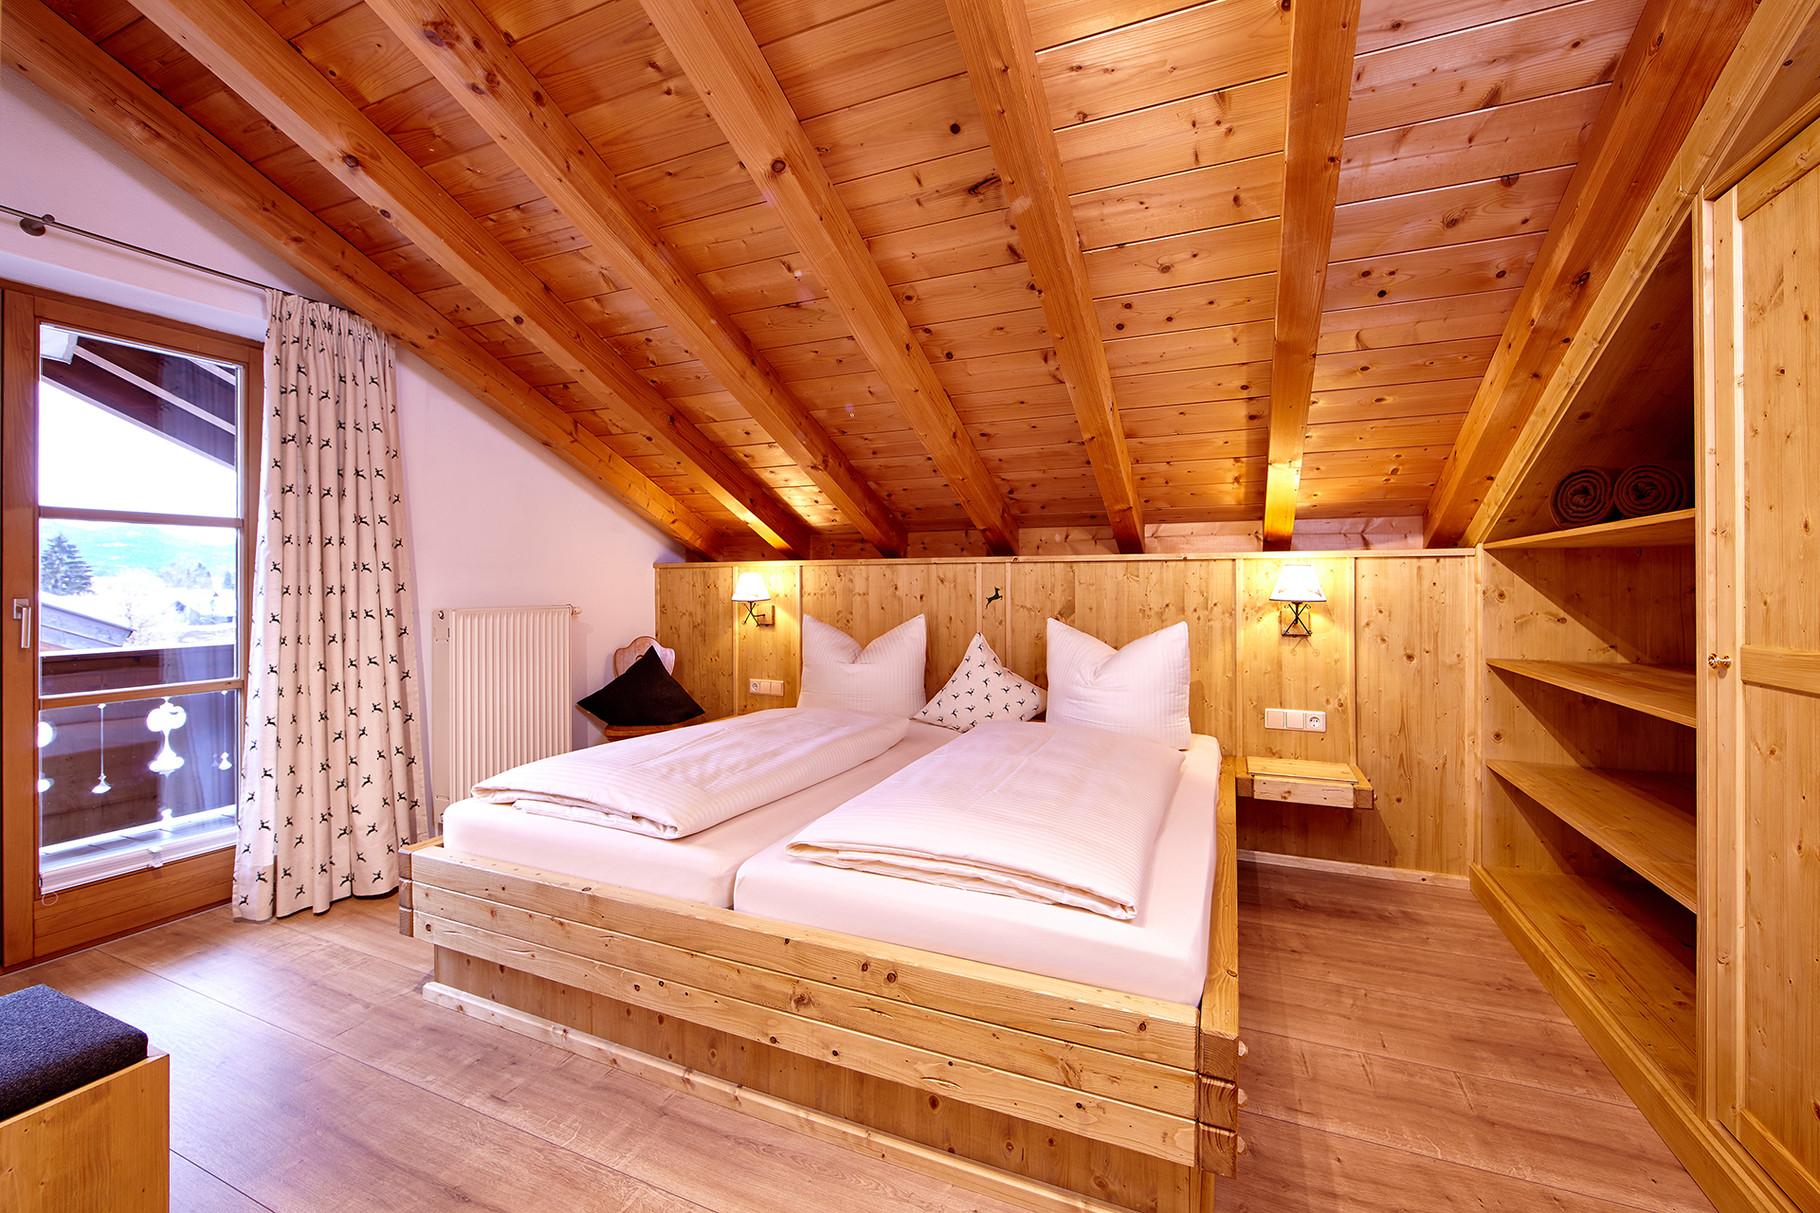 Schlafzimmer - Ferienwohnungen Wilhelm in Garmisch-Partenkirchen